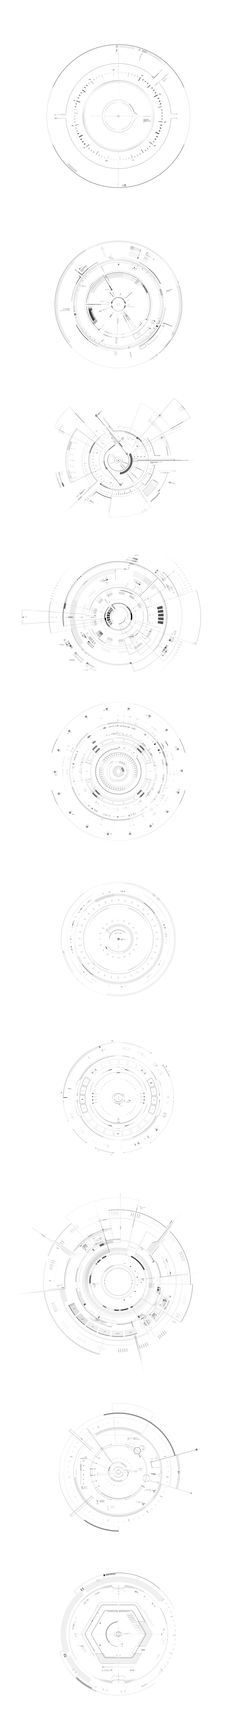 lifecycle > handlunge, massnahmen (und deren wirkungen..) Scifi HUDs as Reference for Architectural Layout: